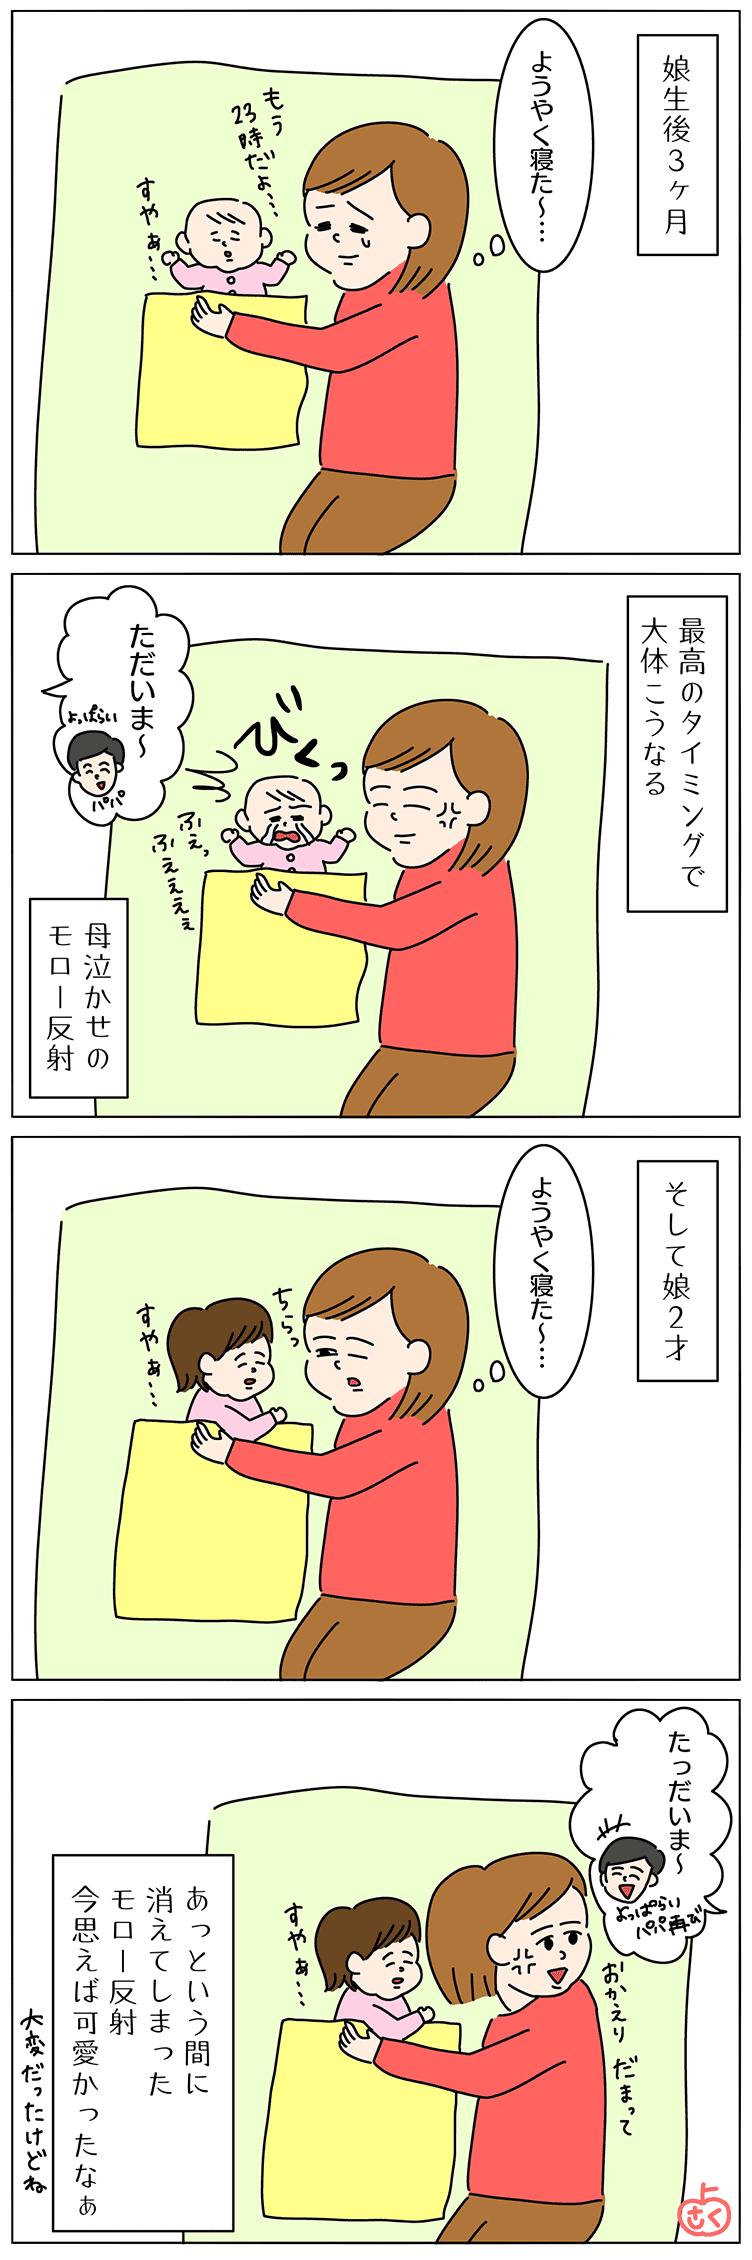 モロー反射の子育て4コマ漫画